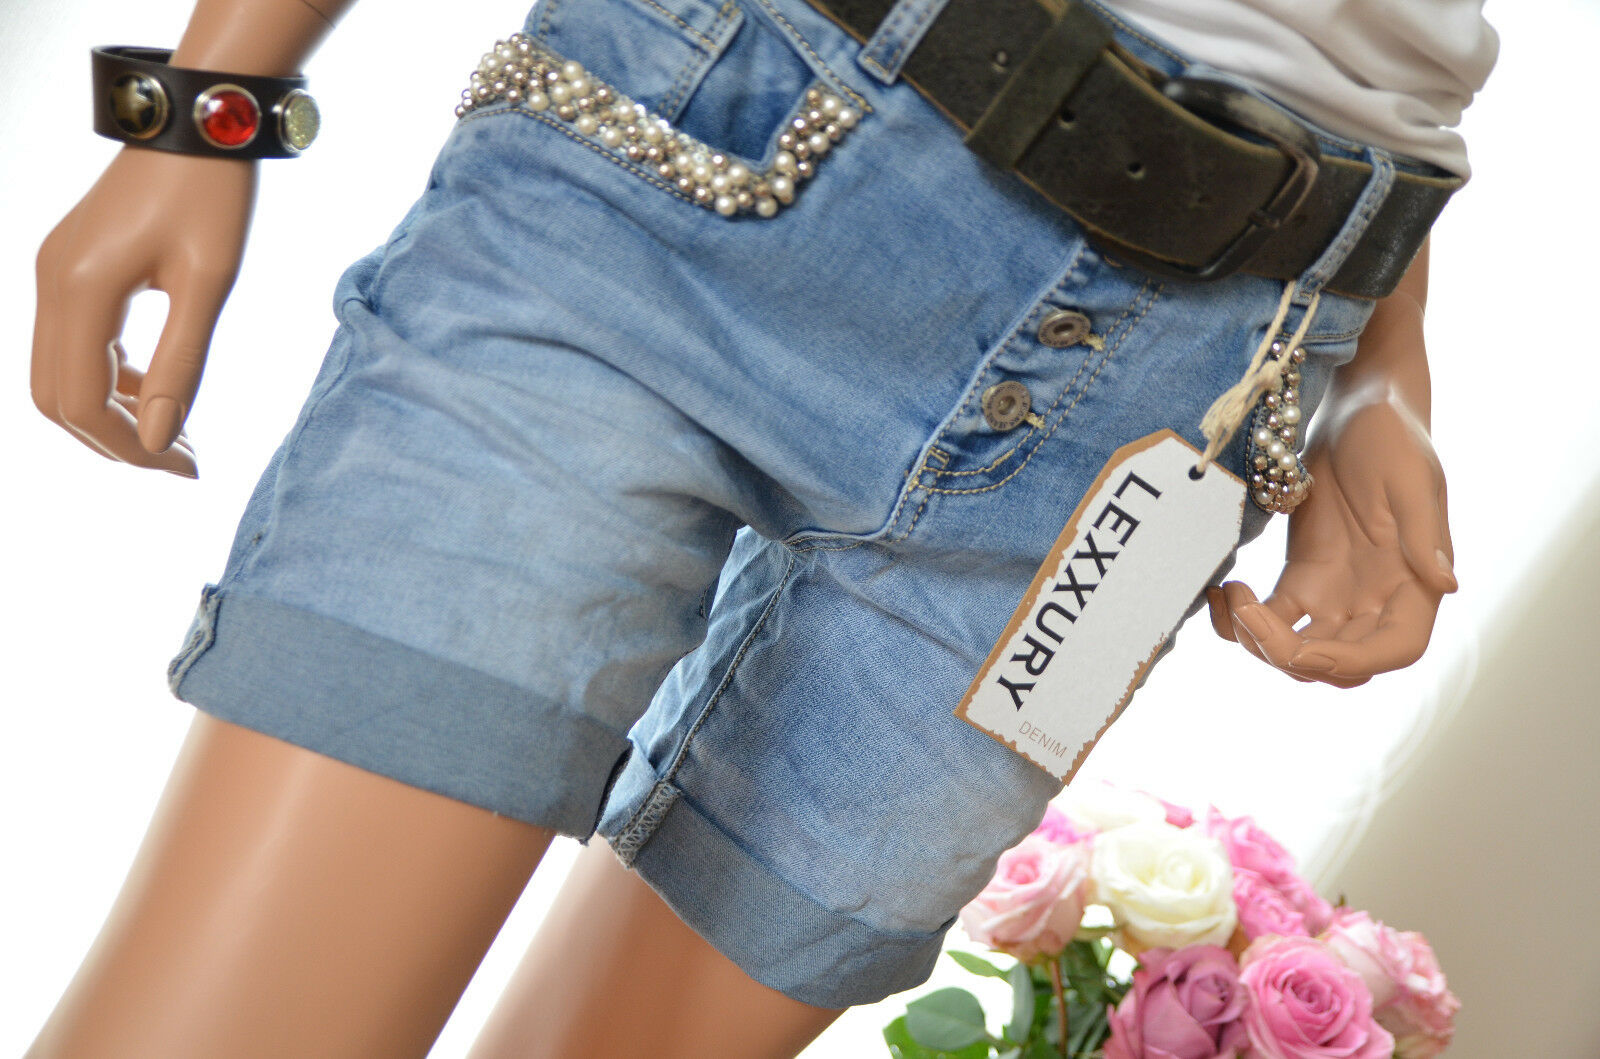 Lexxury Jeans kurze kurze kurze Hose Short Hotpants Perlen Pailletten blau XS 34 Neu  | Niedrige Kosten  1b93fb